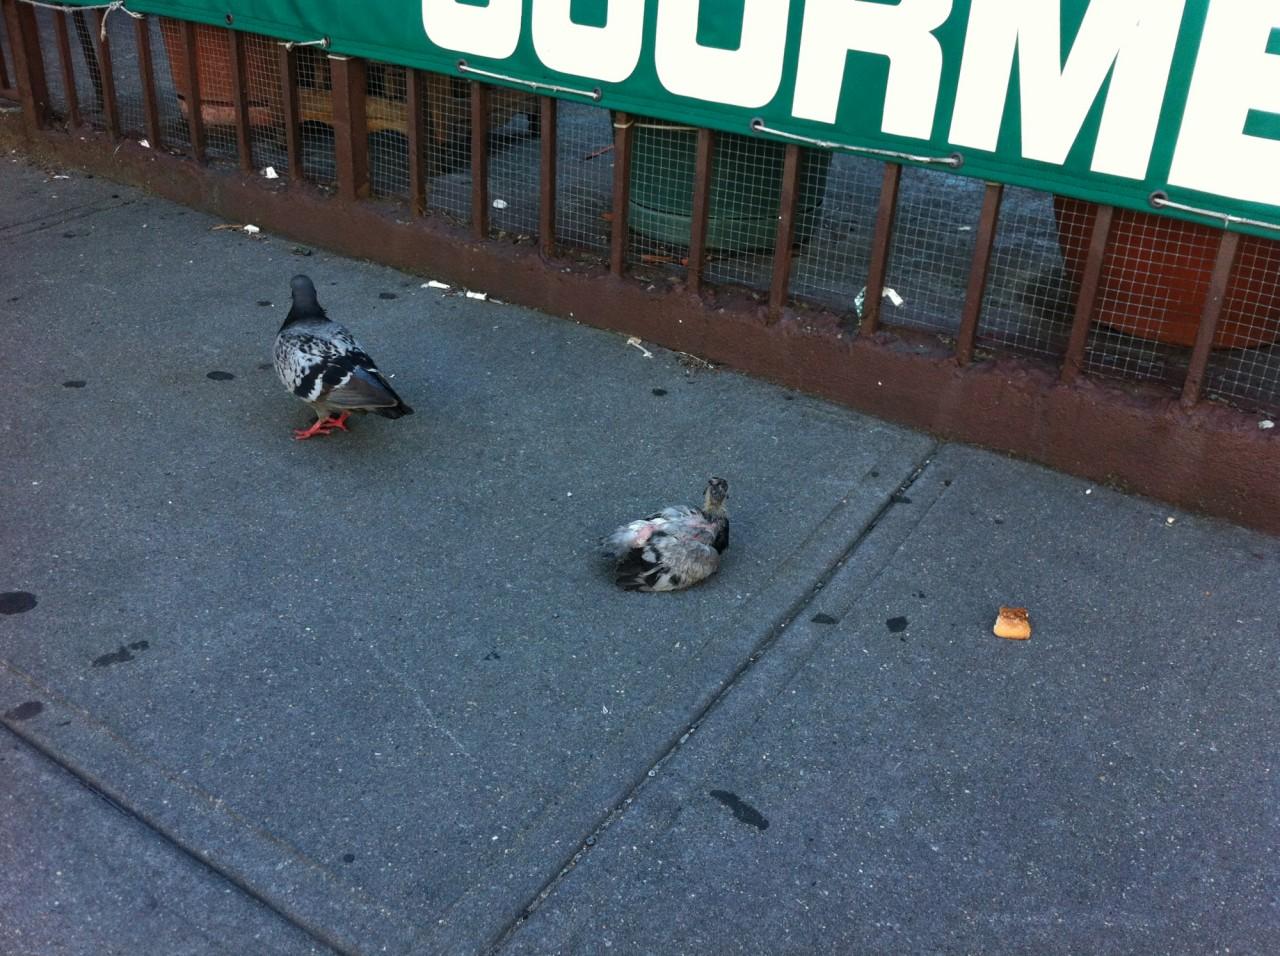 Почему жители городов никогда не видят птенцов голубей голубь, интересное, птицы